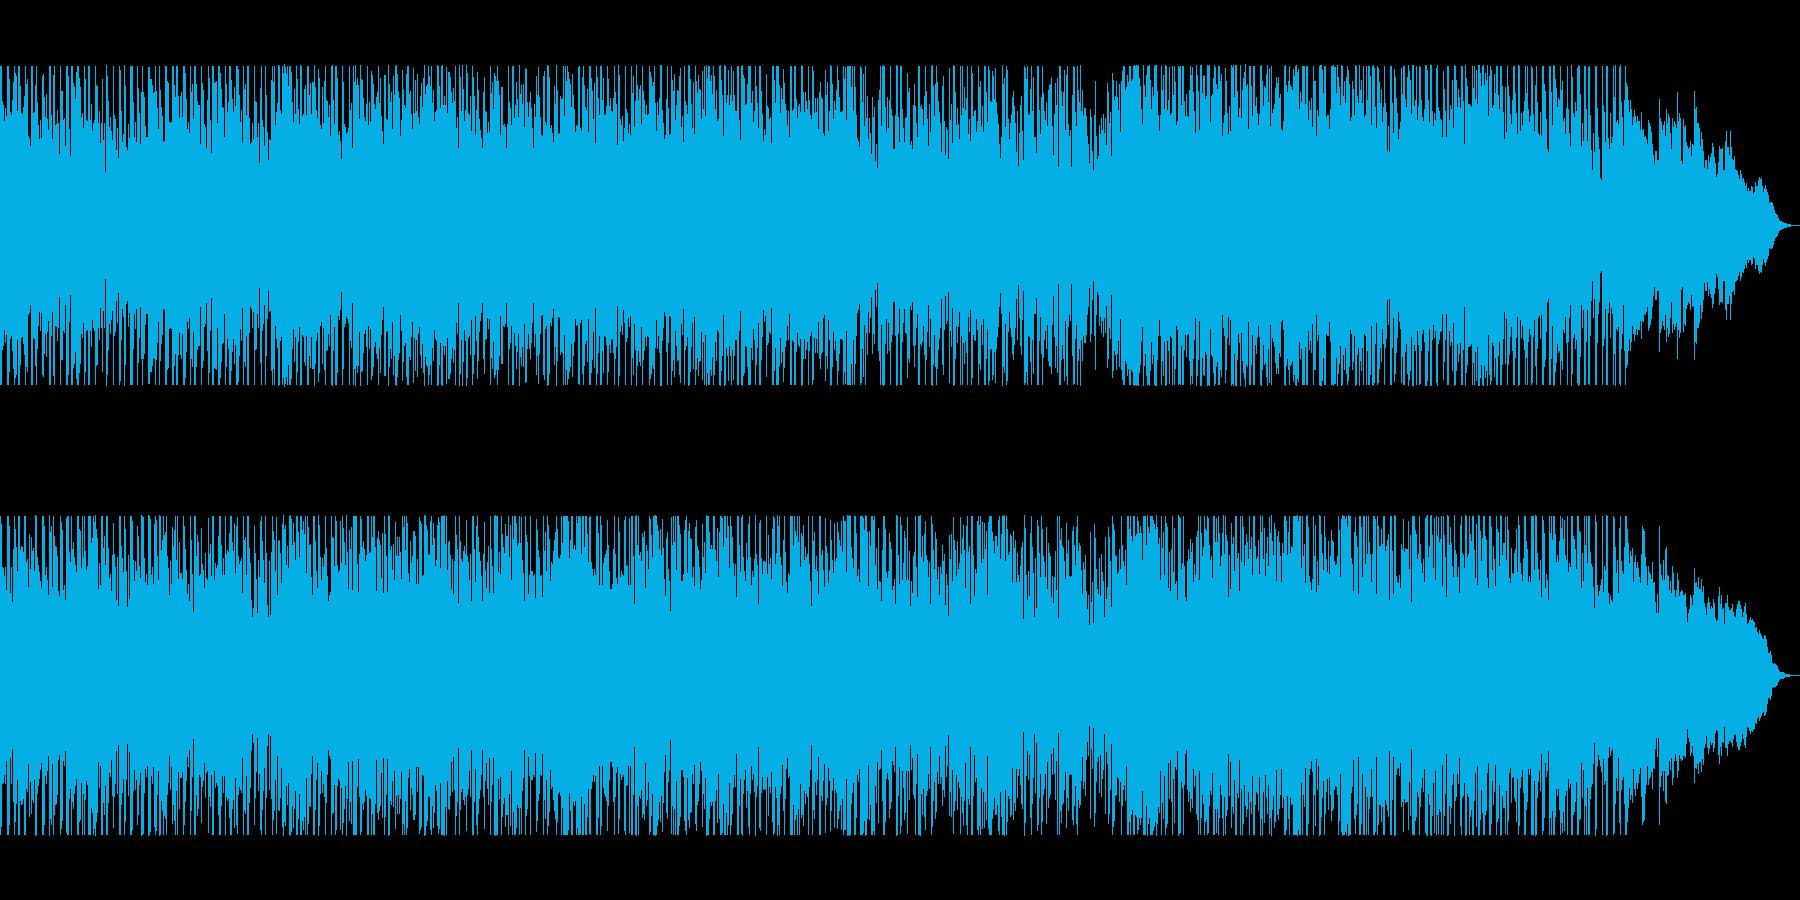 爽やかで透明感のあるシンセサウンドの再生済みの波形